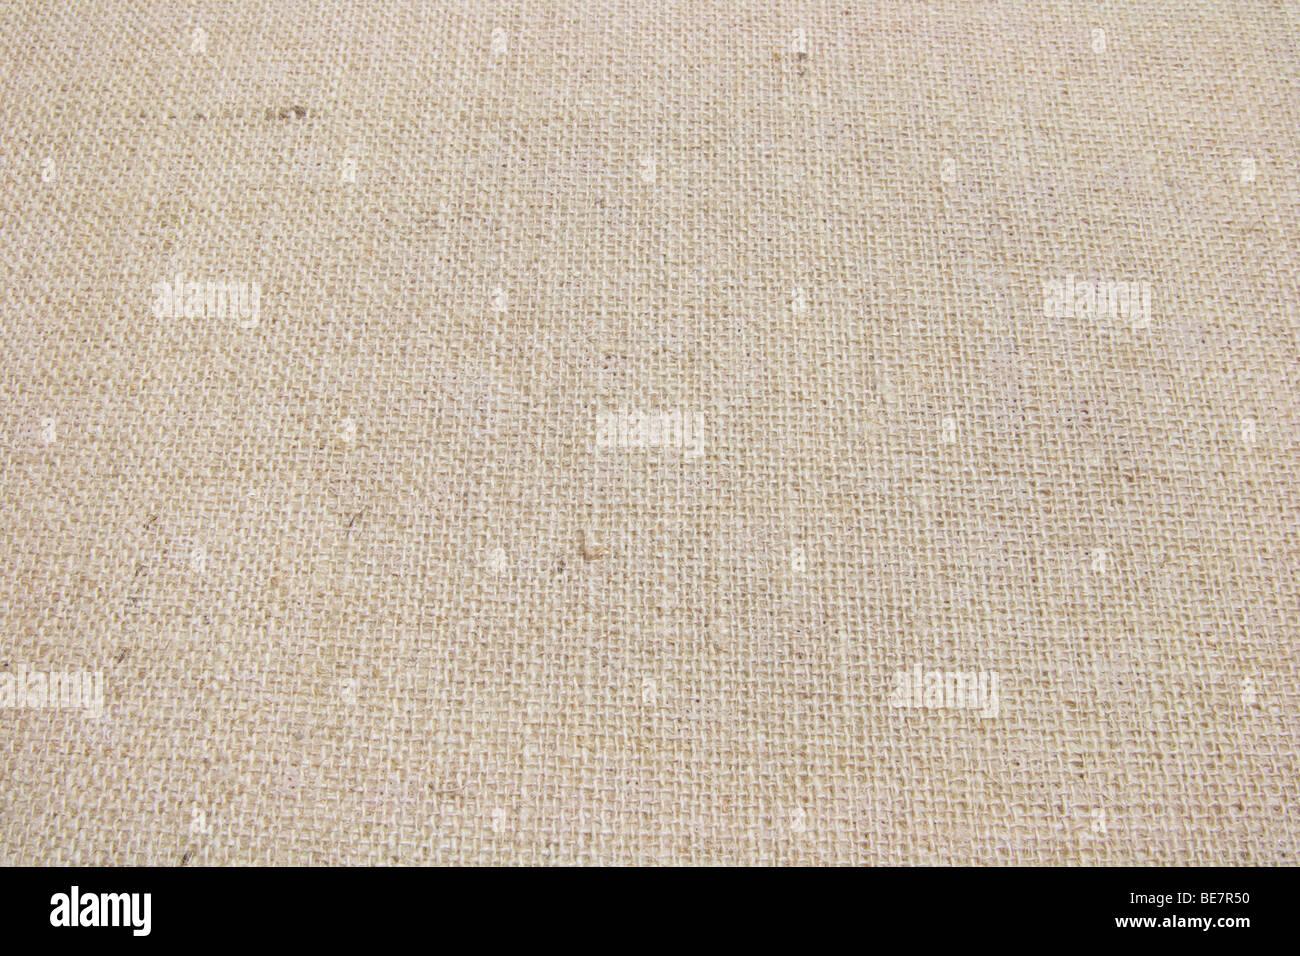 Texture Background of Floor Mat - Stock Image